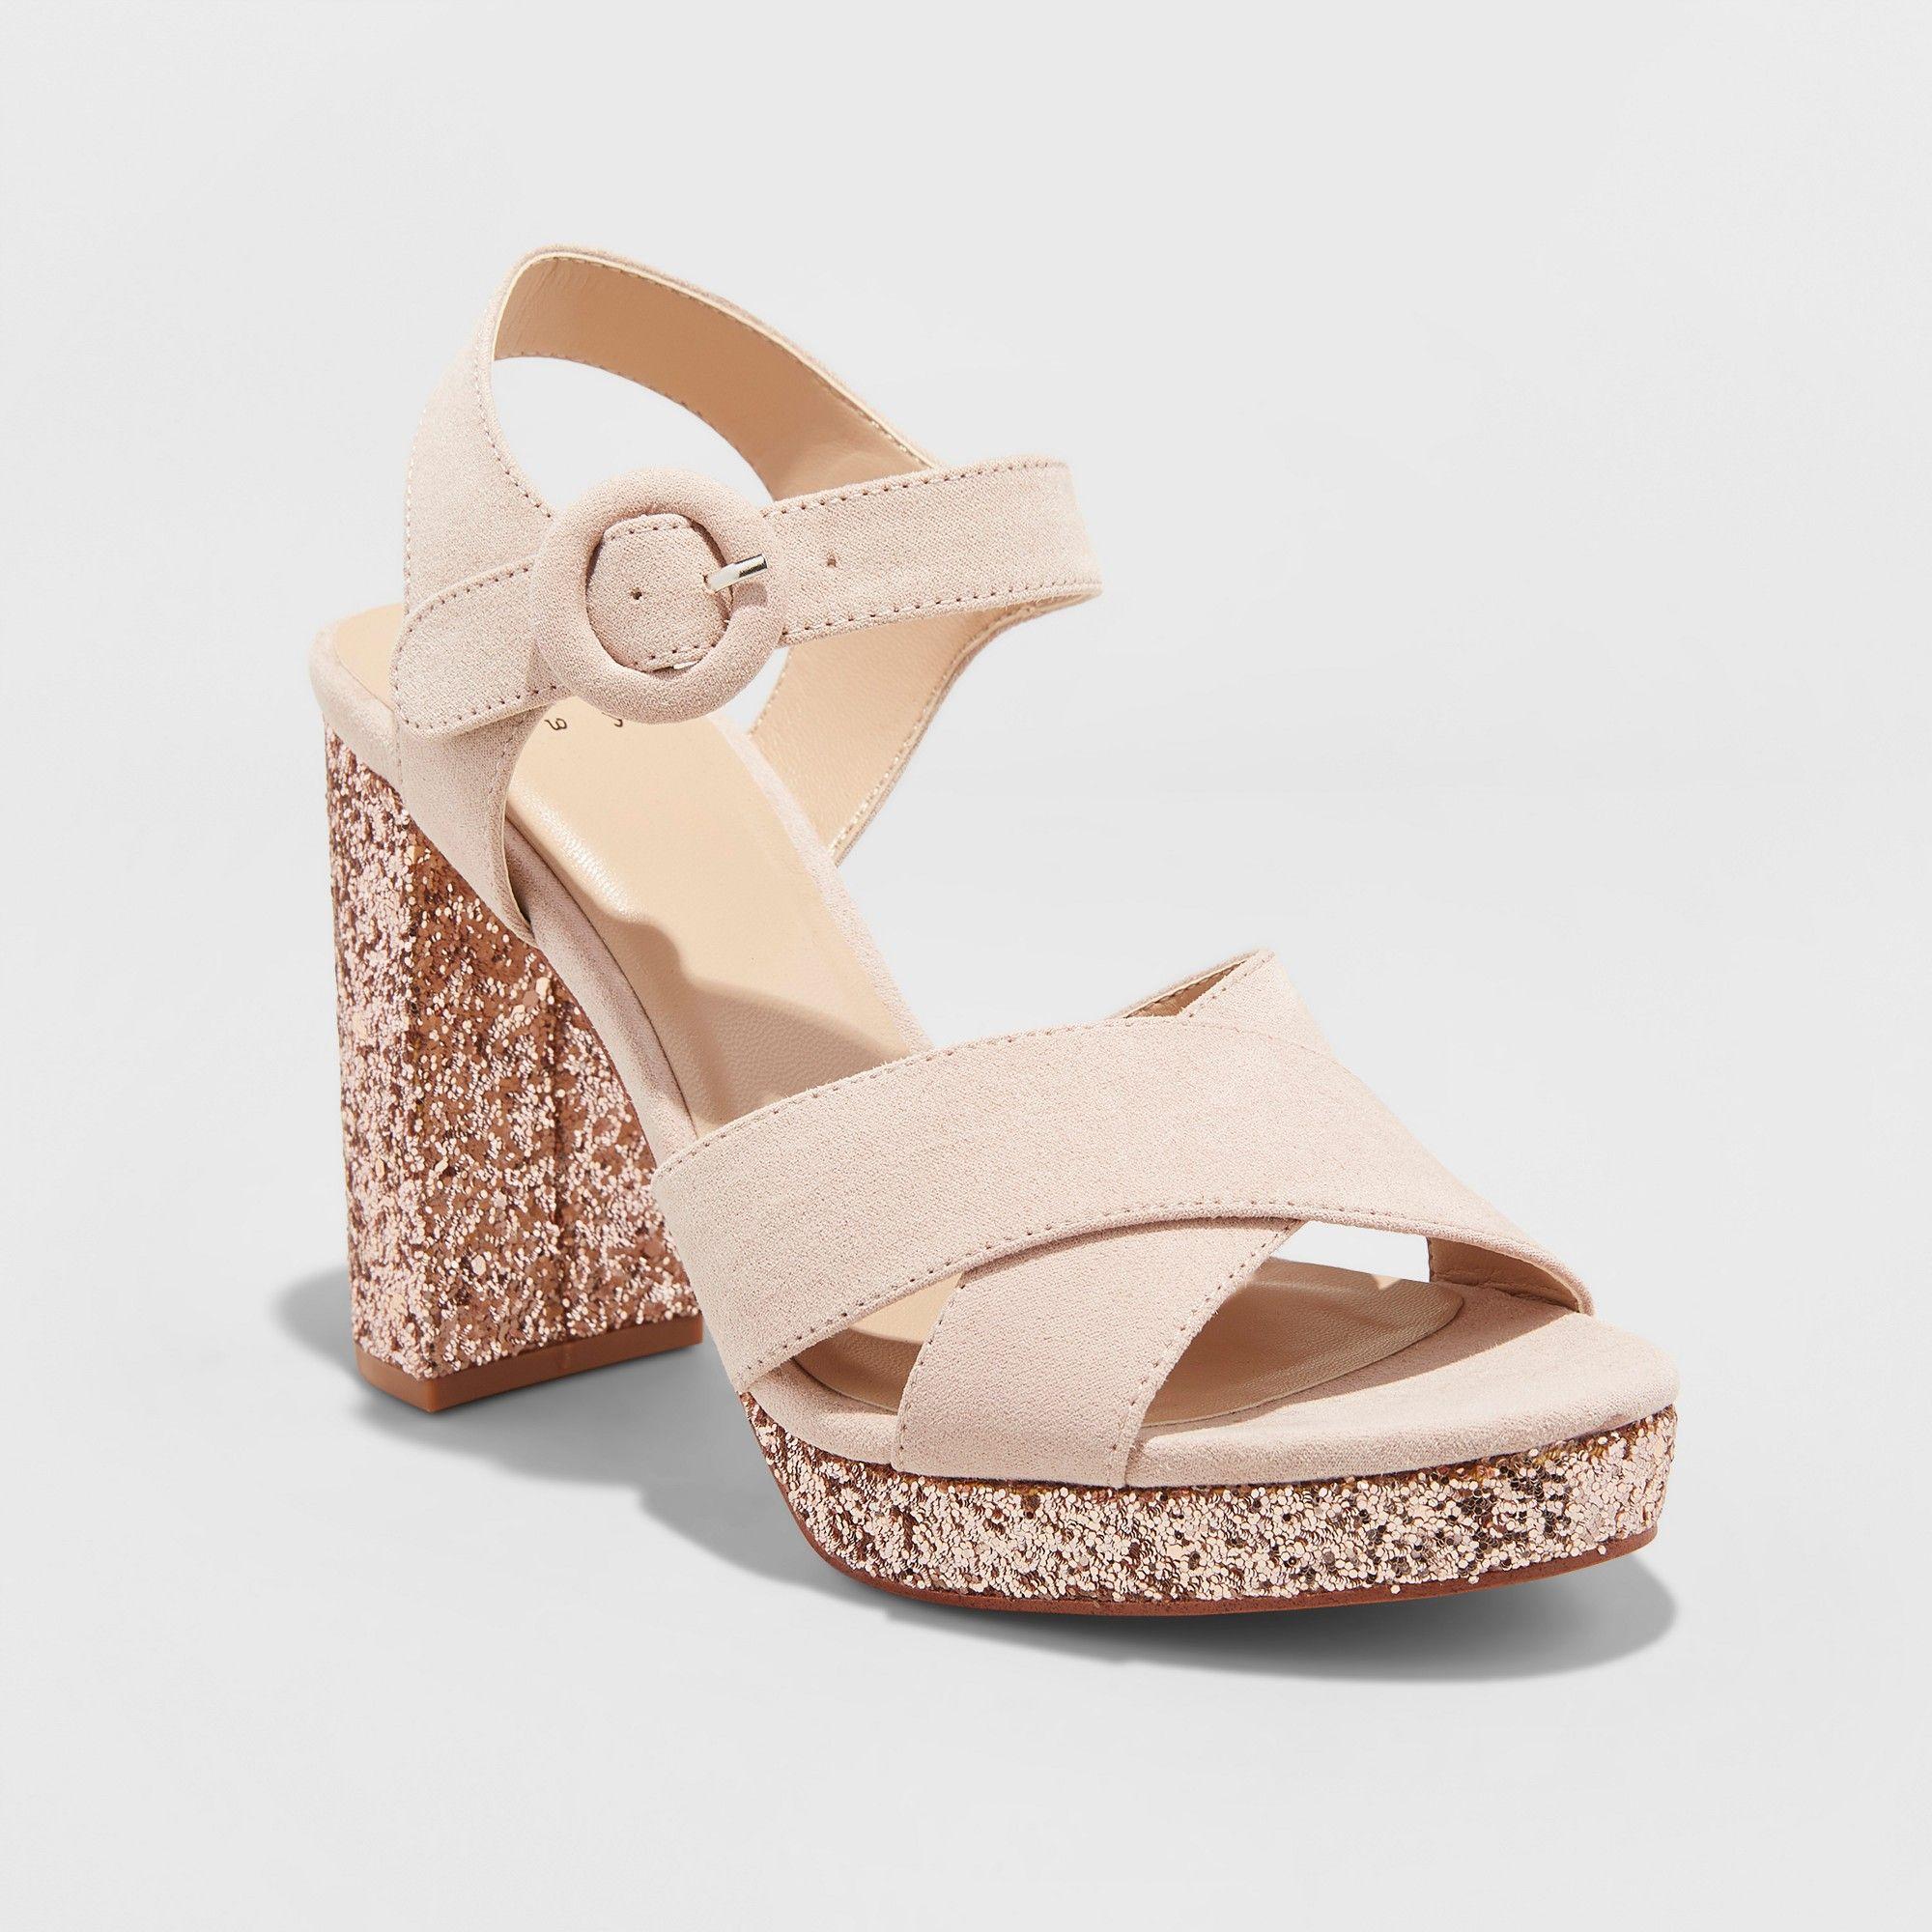 04a1d14b5aa Women s Fiona Glitter Satin Crossband Platform Quarter Strap Sandal - A New  Day Rose Gold 9.5